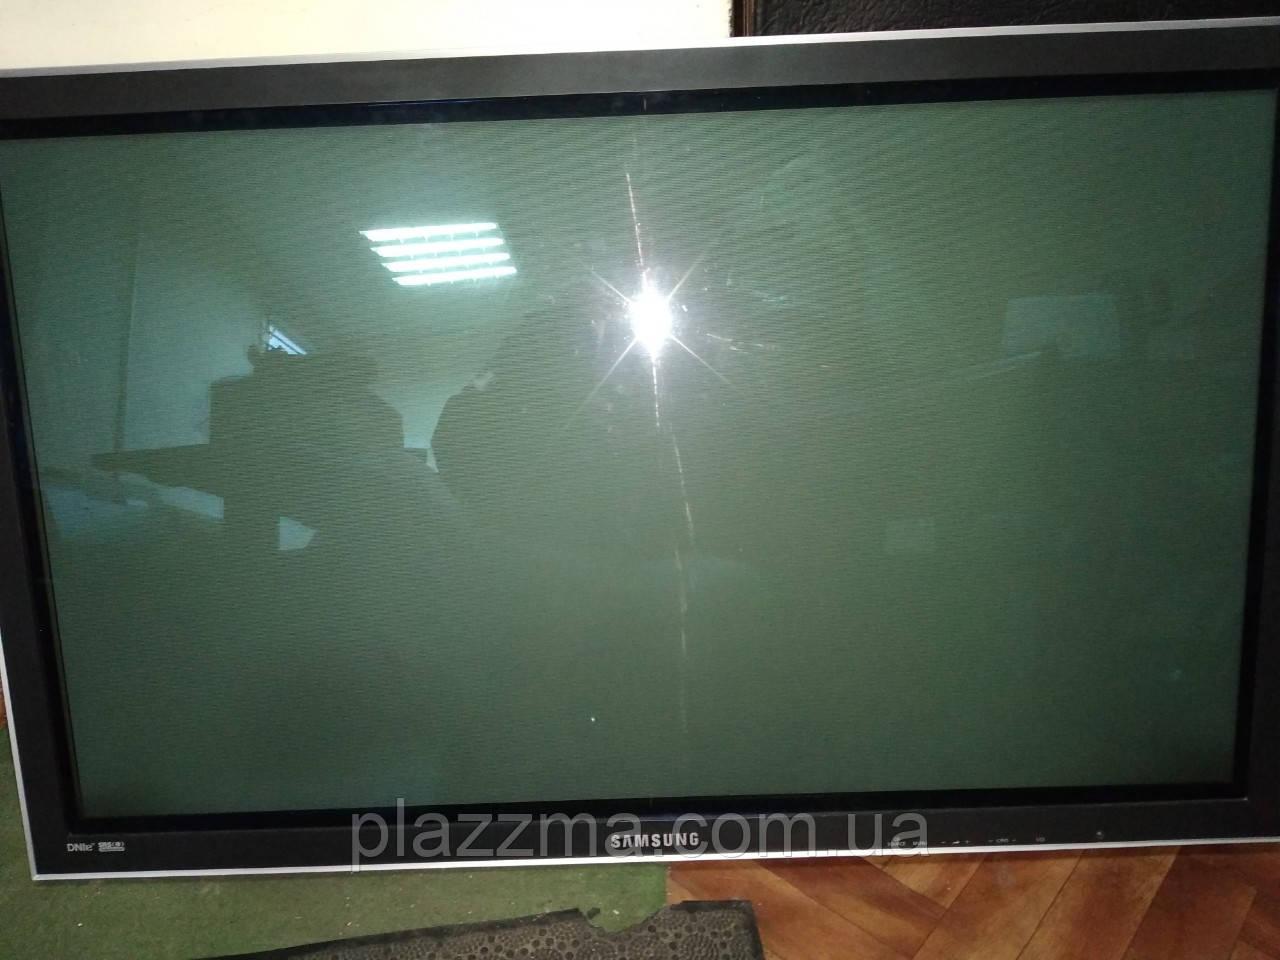 Телевизор Samsung PS-42D4 SR на запчасти или восстановление